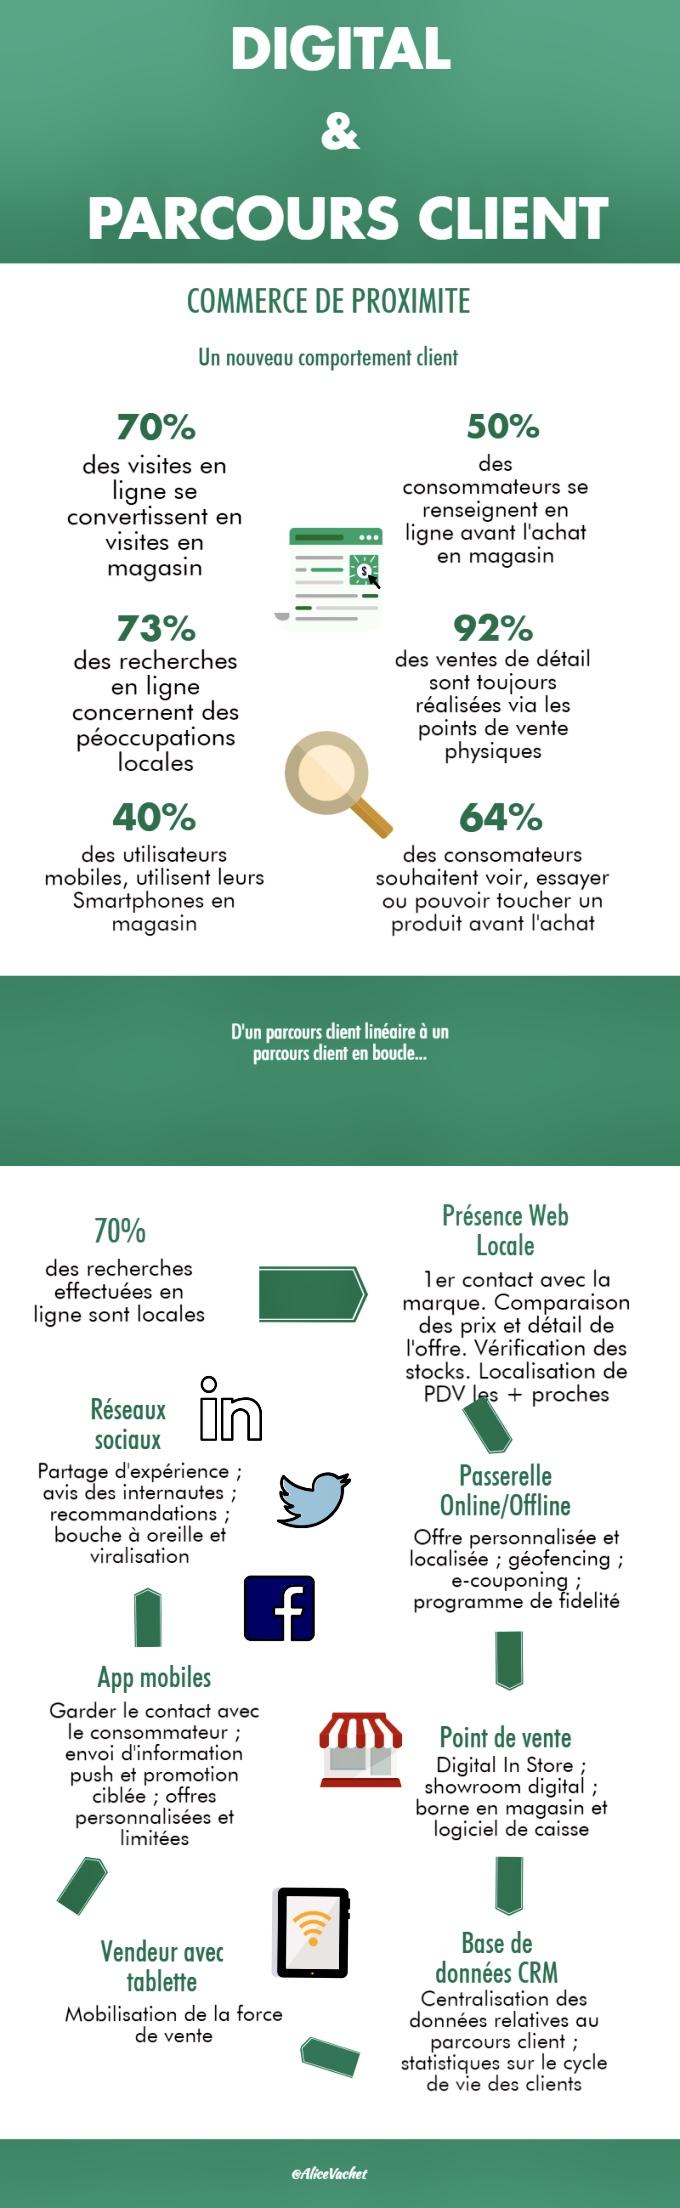 [Infographie] Digital & Parcours Client💻